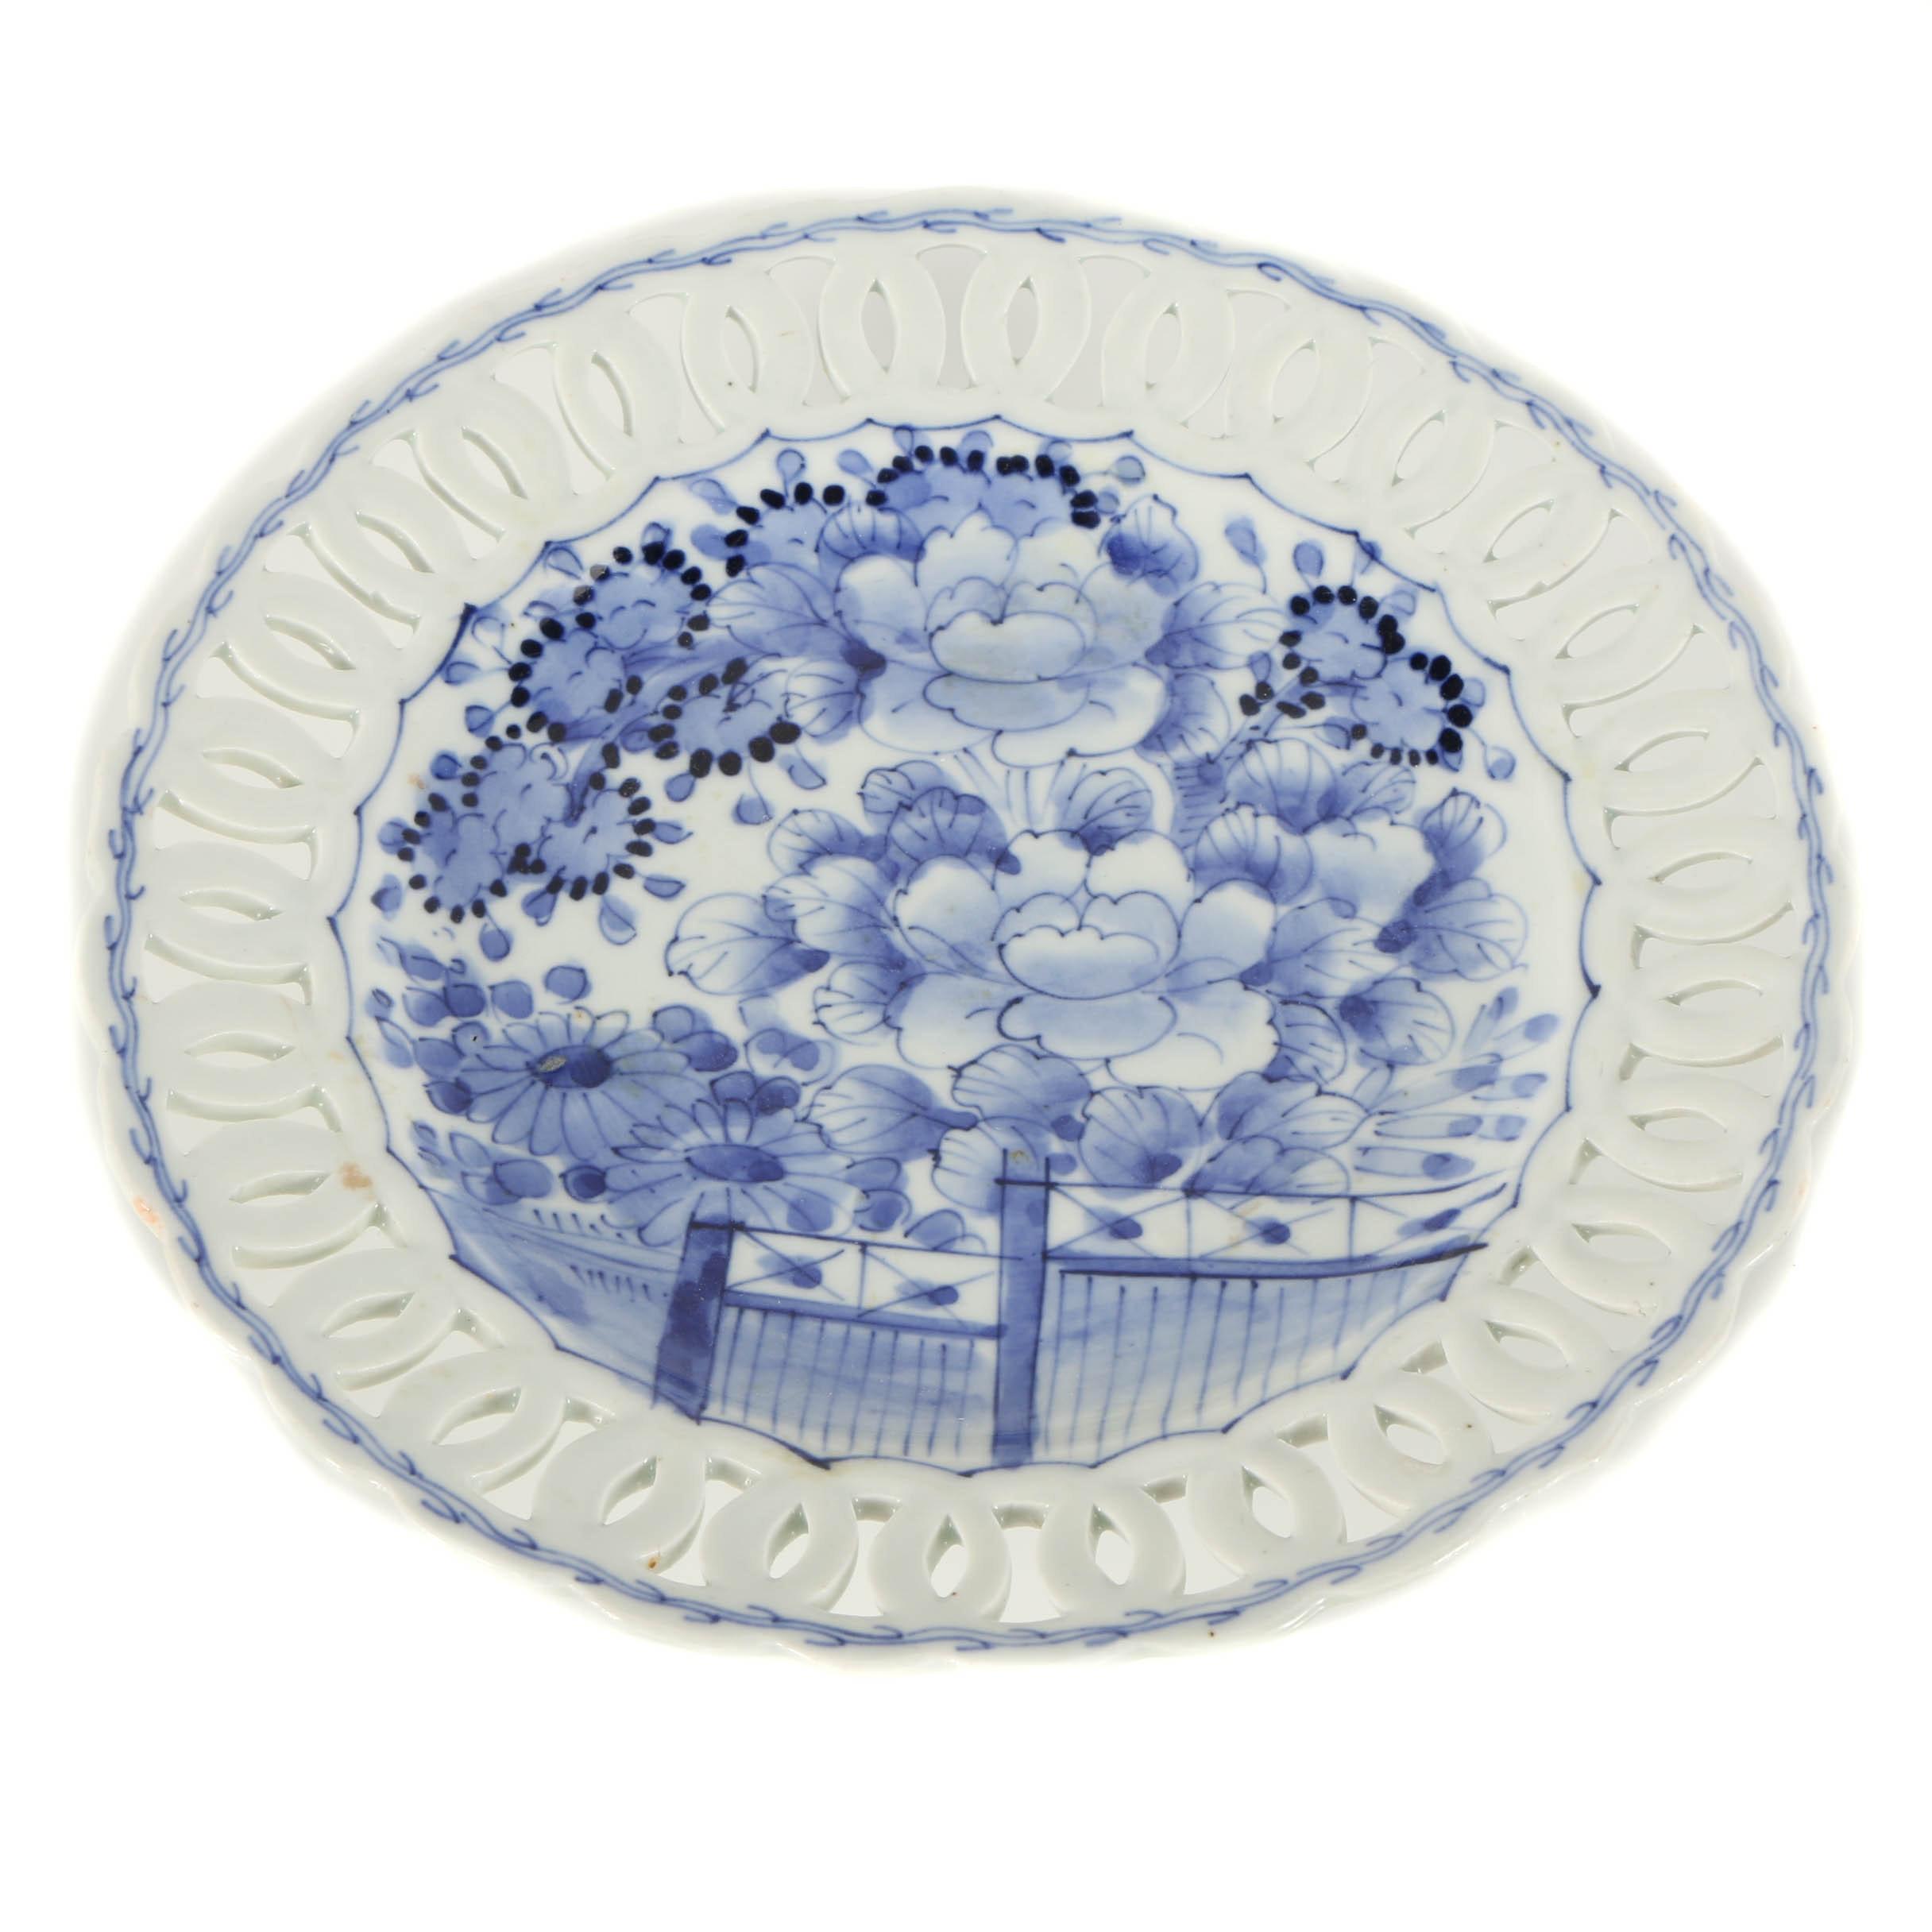 Japanese Porcelain Platter with Blue Floral Glaze Design